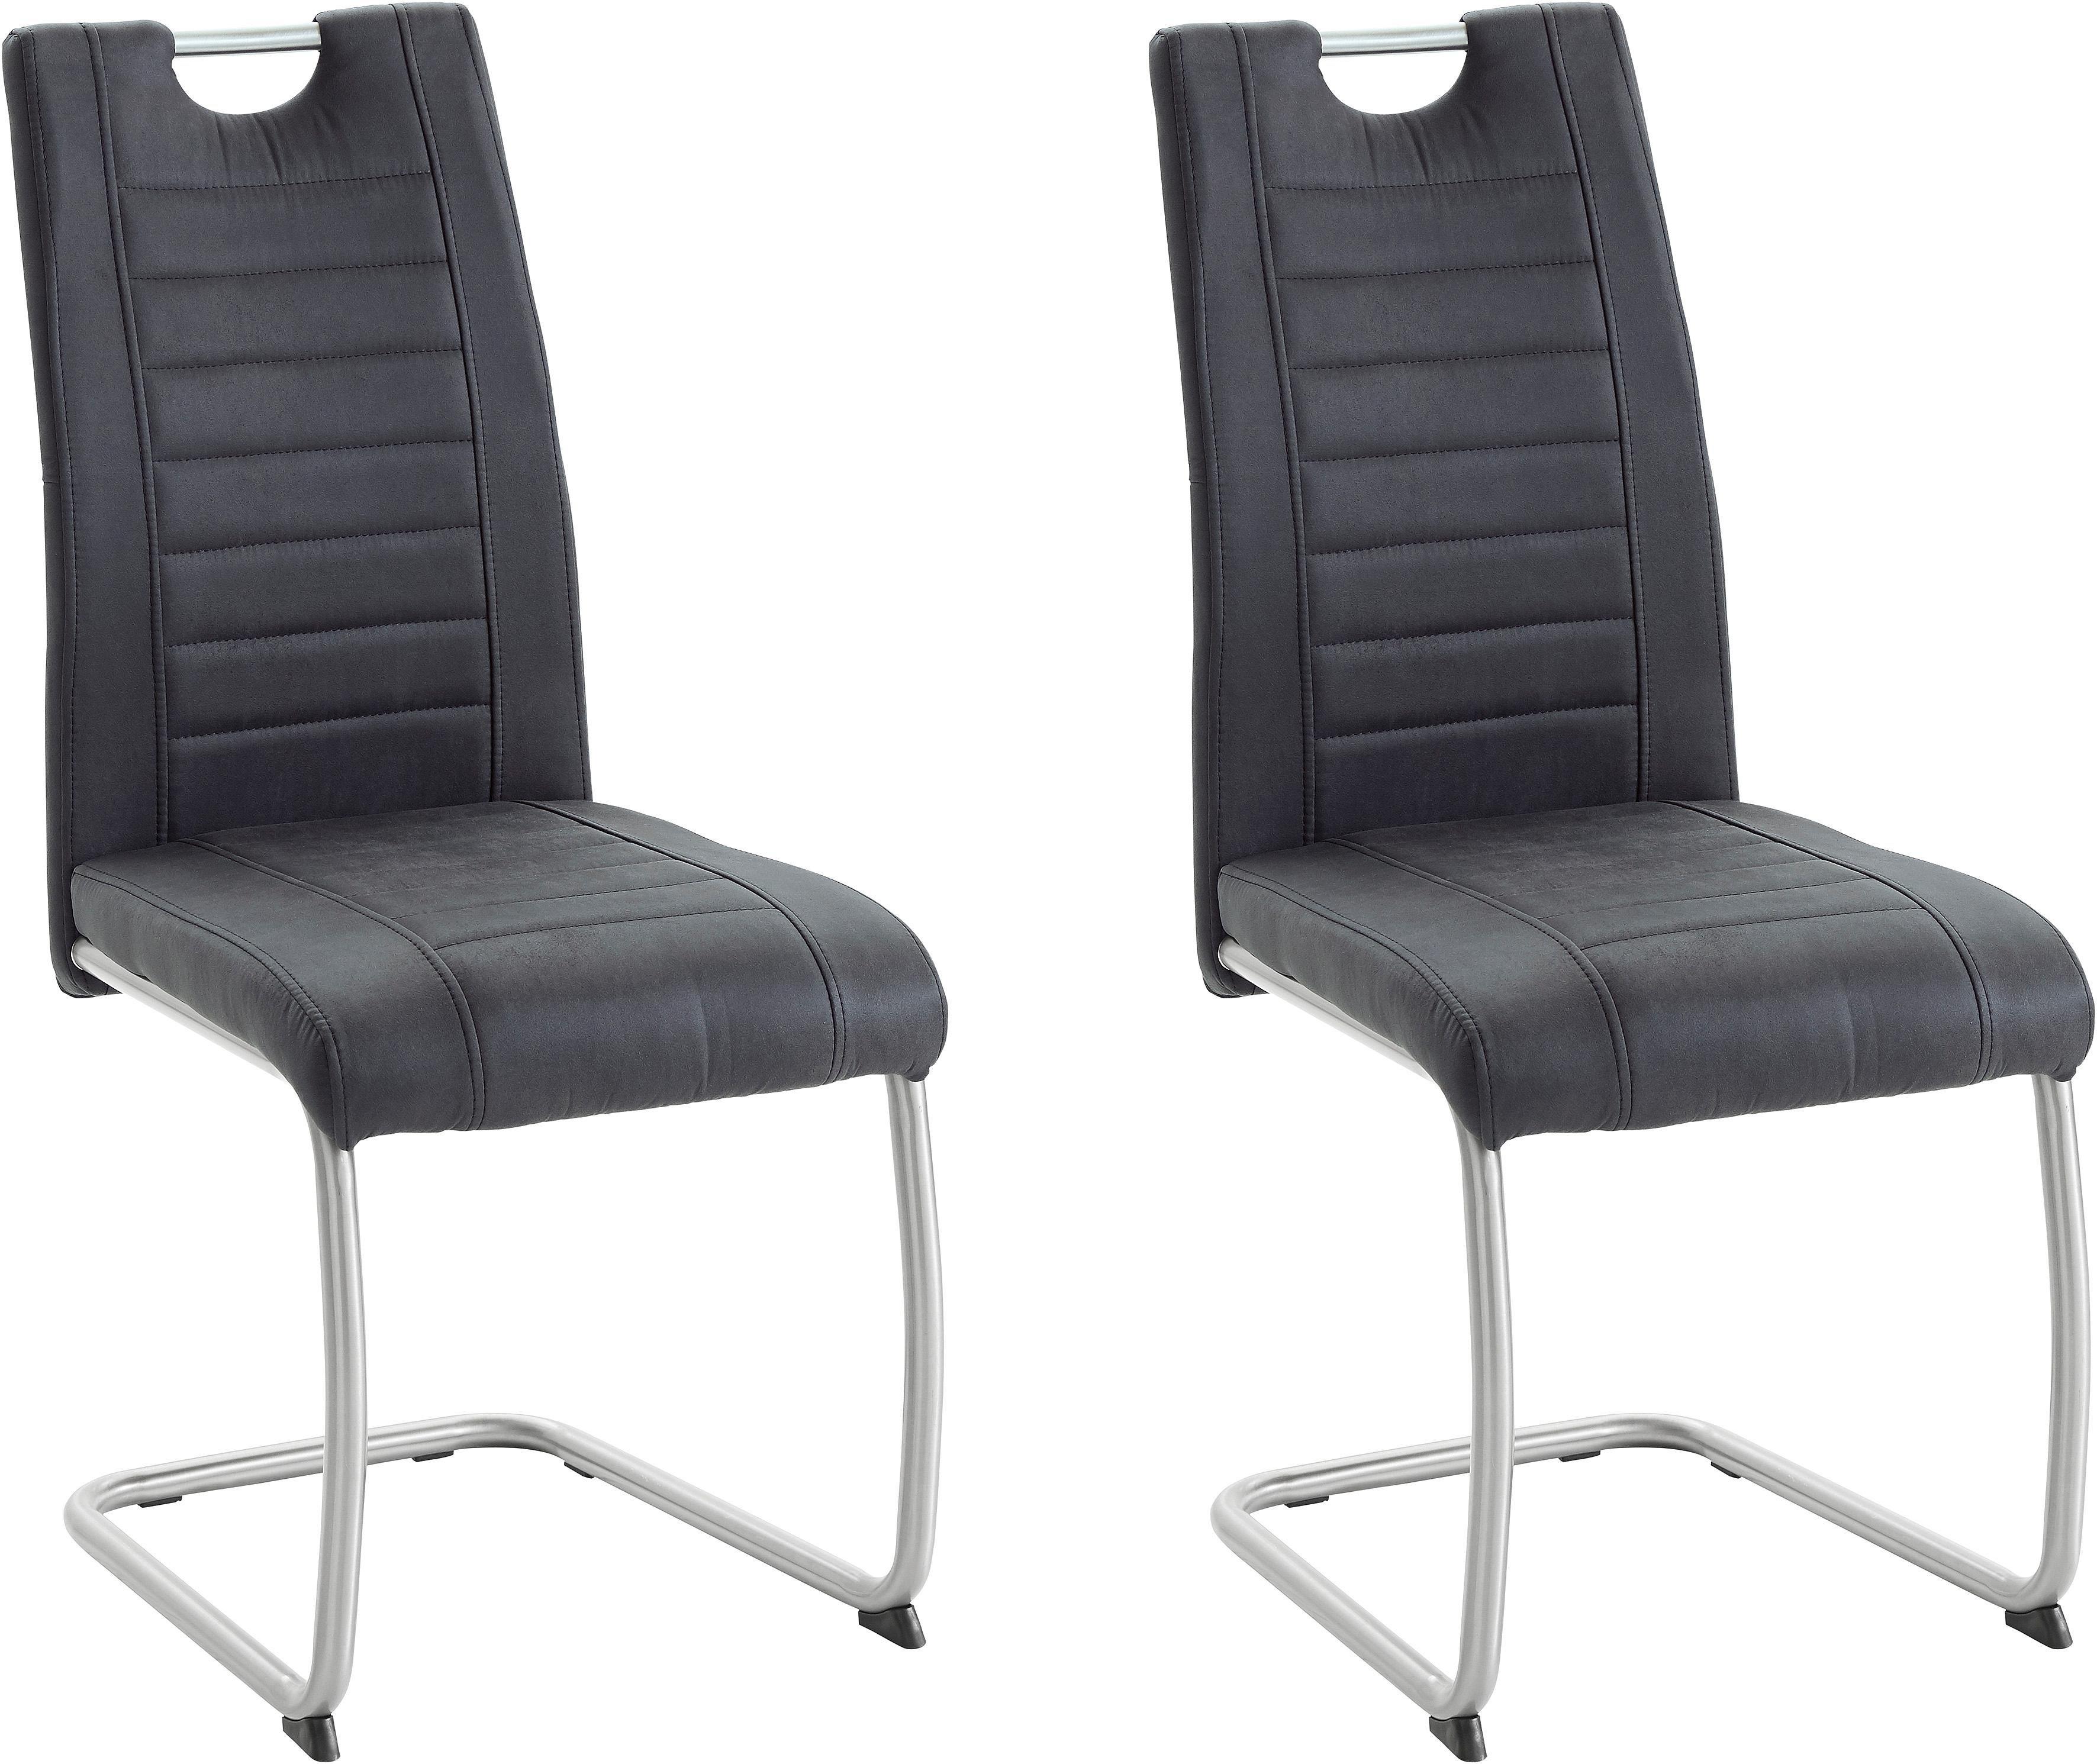 Vrijdragende stoel (set van 2 of 4) goedkoop op otto.nl kopen